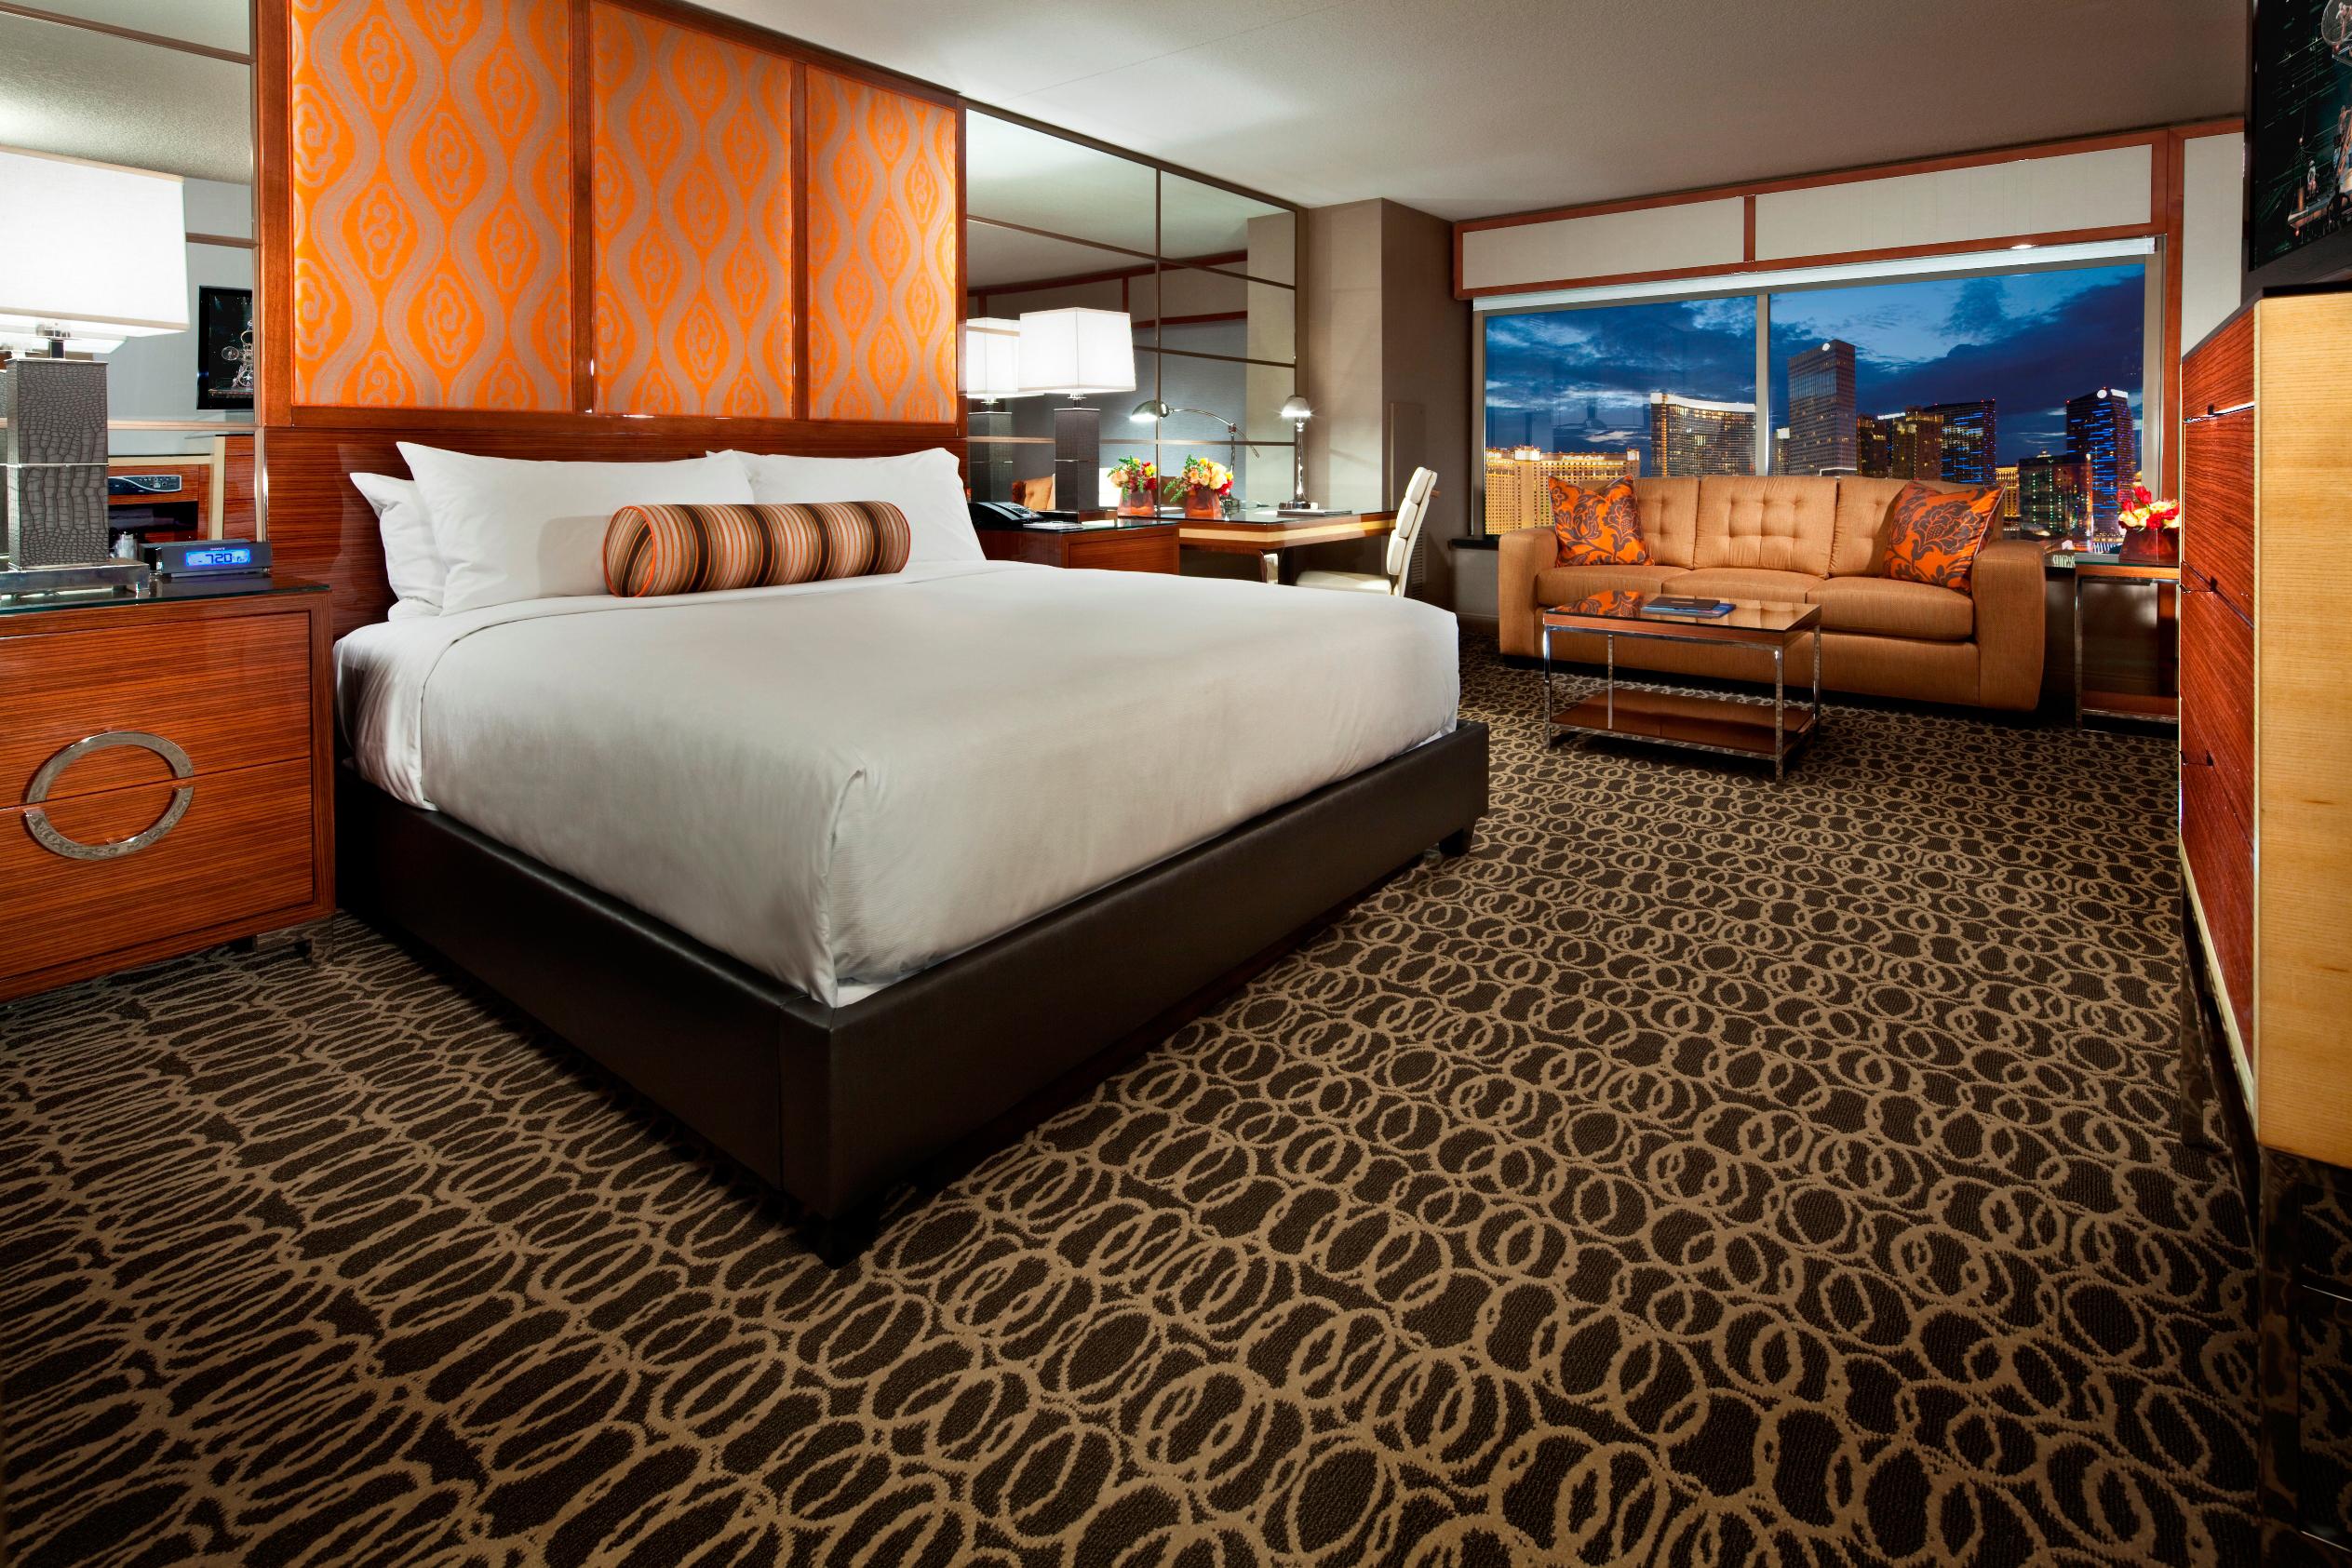 MGM Grand Las Vegas Grand King Room